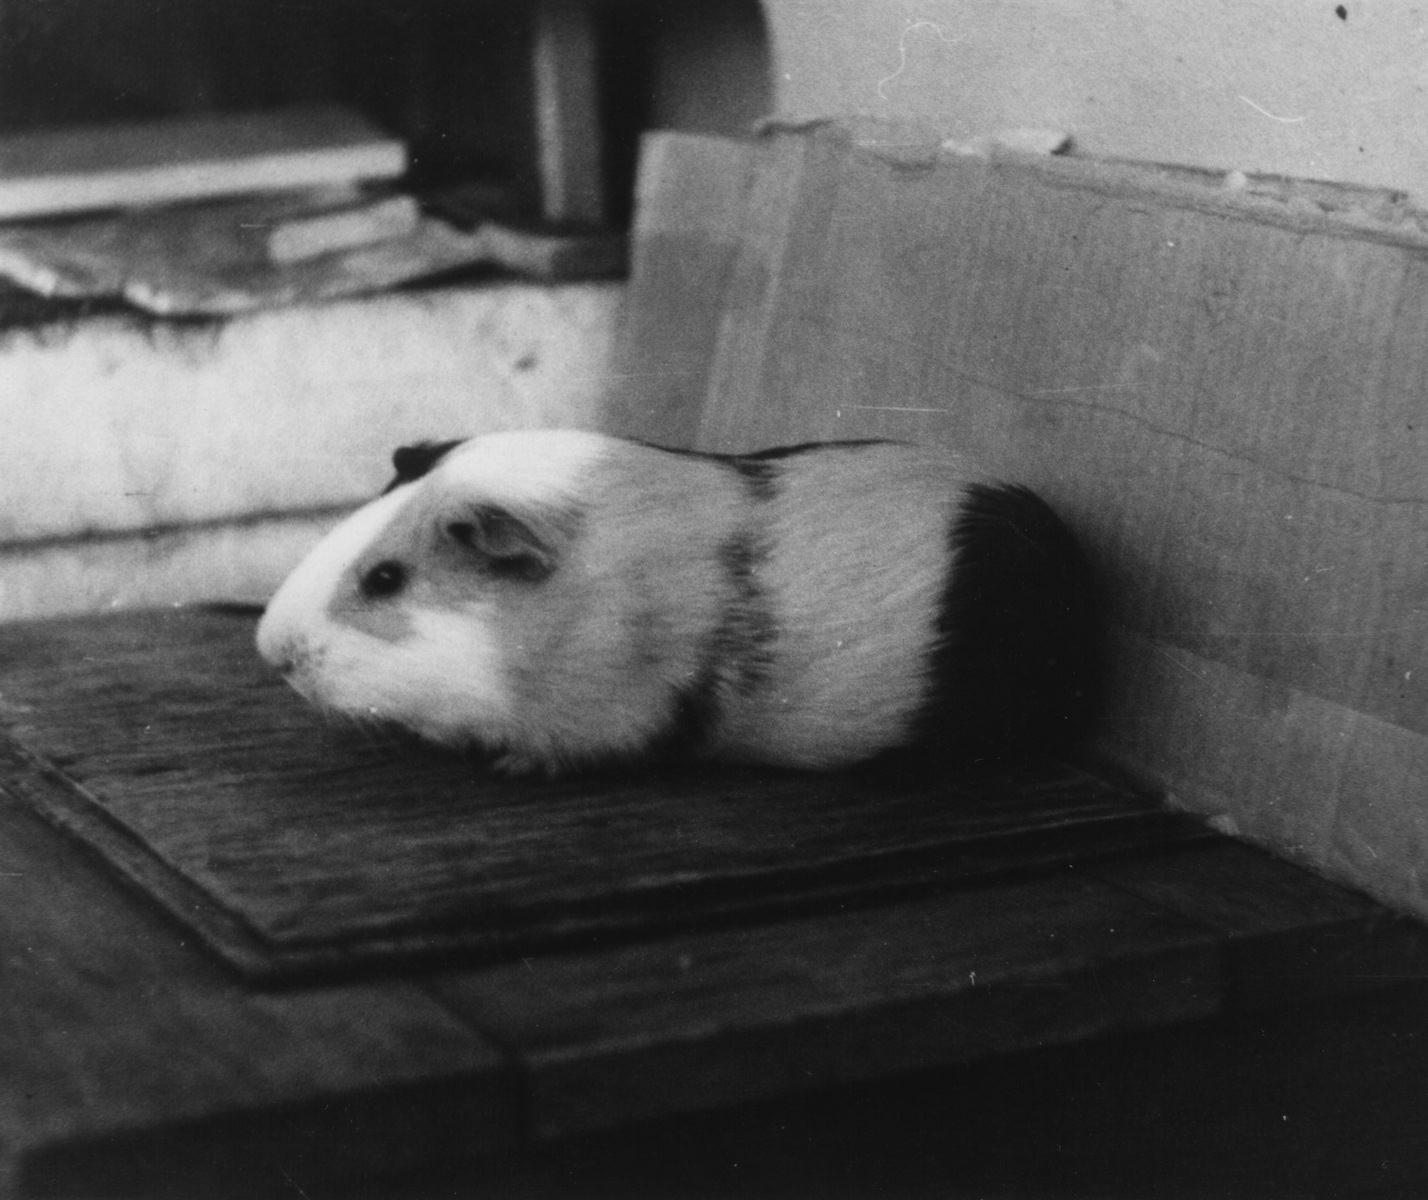 Самый распространенный домашний зверь в Моа - морская свинка. Роло-3. Квартира Андреевых. 1986-1988.